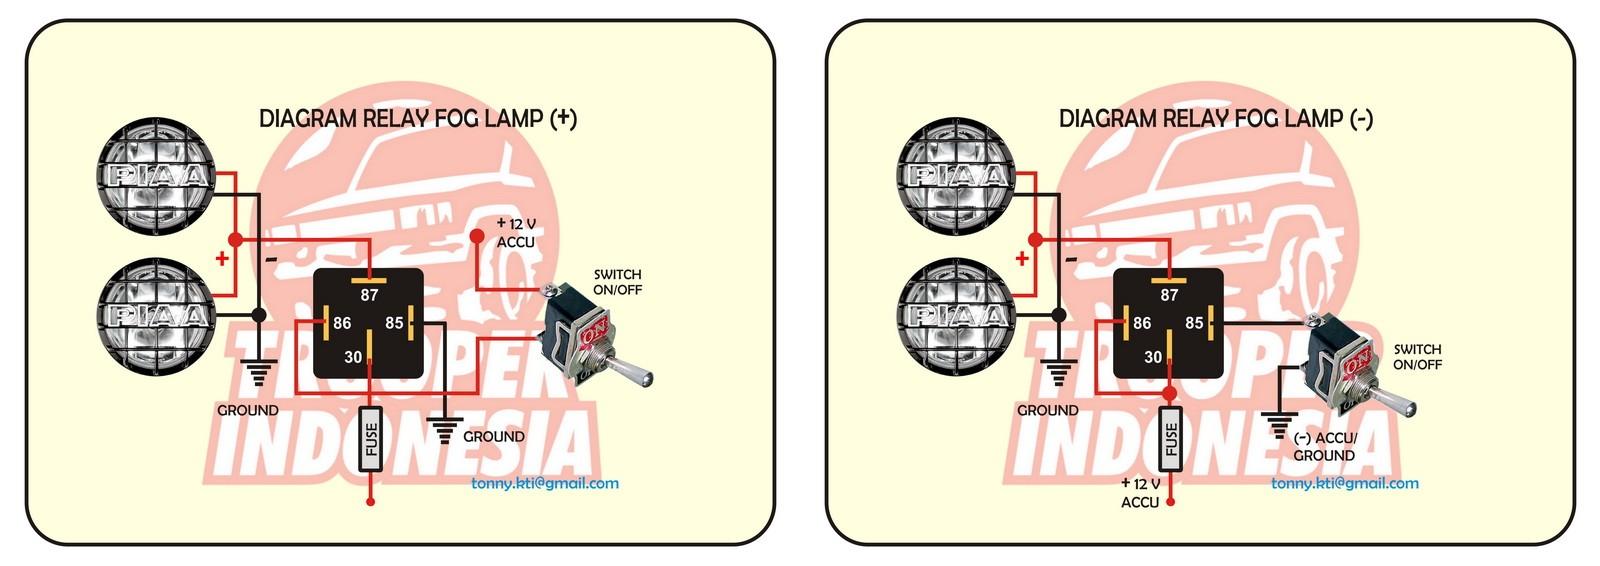 cara wiring fog lamp diy enthusiasts wiring diagrams u2022 rh wiringdiagramnetwork today Wiring a Lamp cara wiring fog lamp saga flx